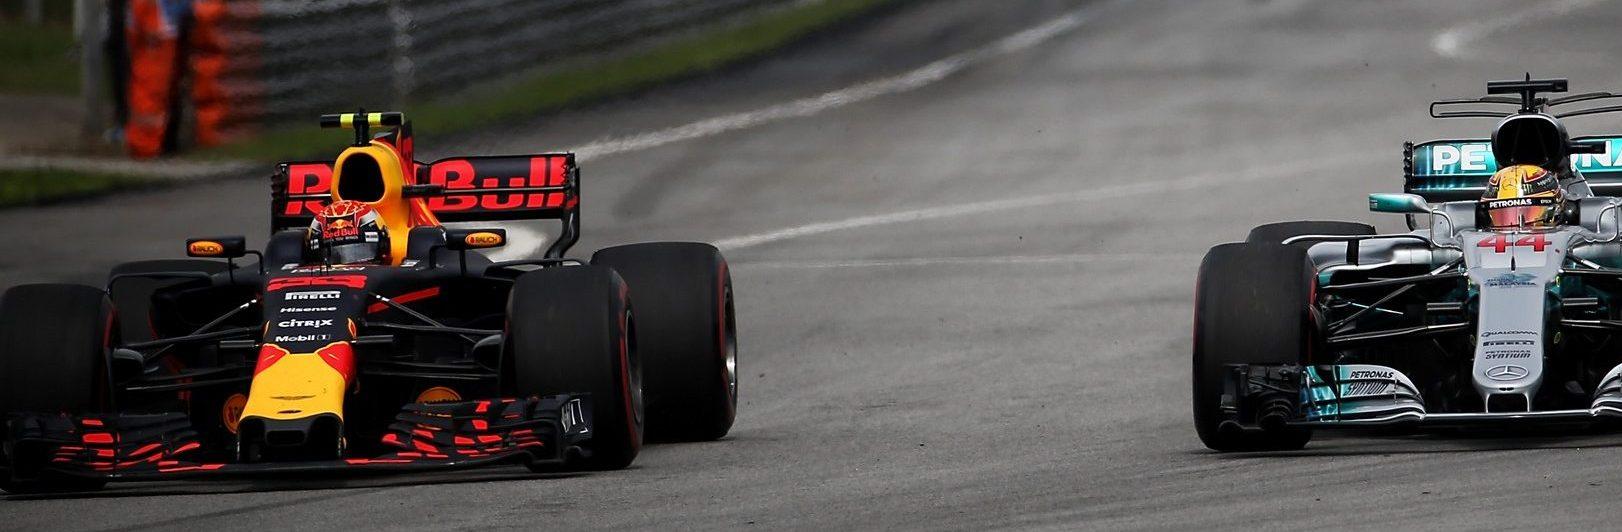 Prachtig, prachtig, prachtig!! Overwinning nummertje 2 voor Max Verstappen #f1 #malaysiangp